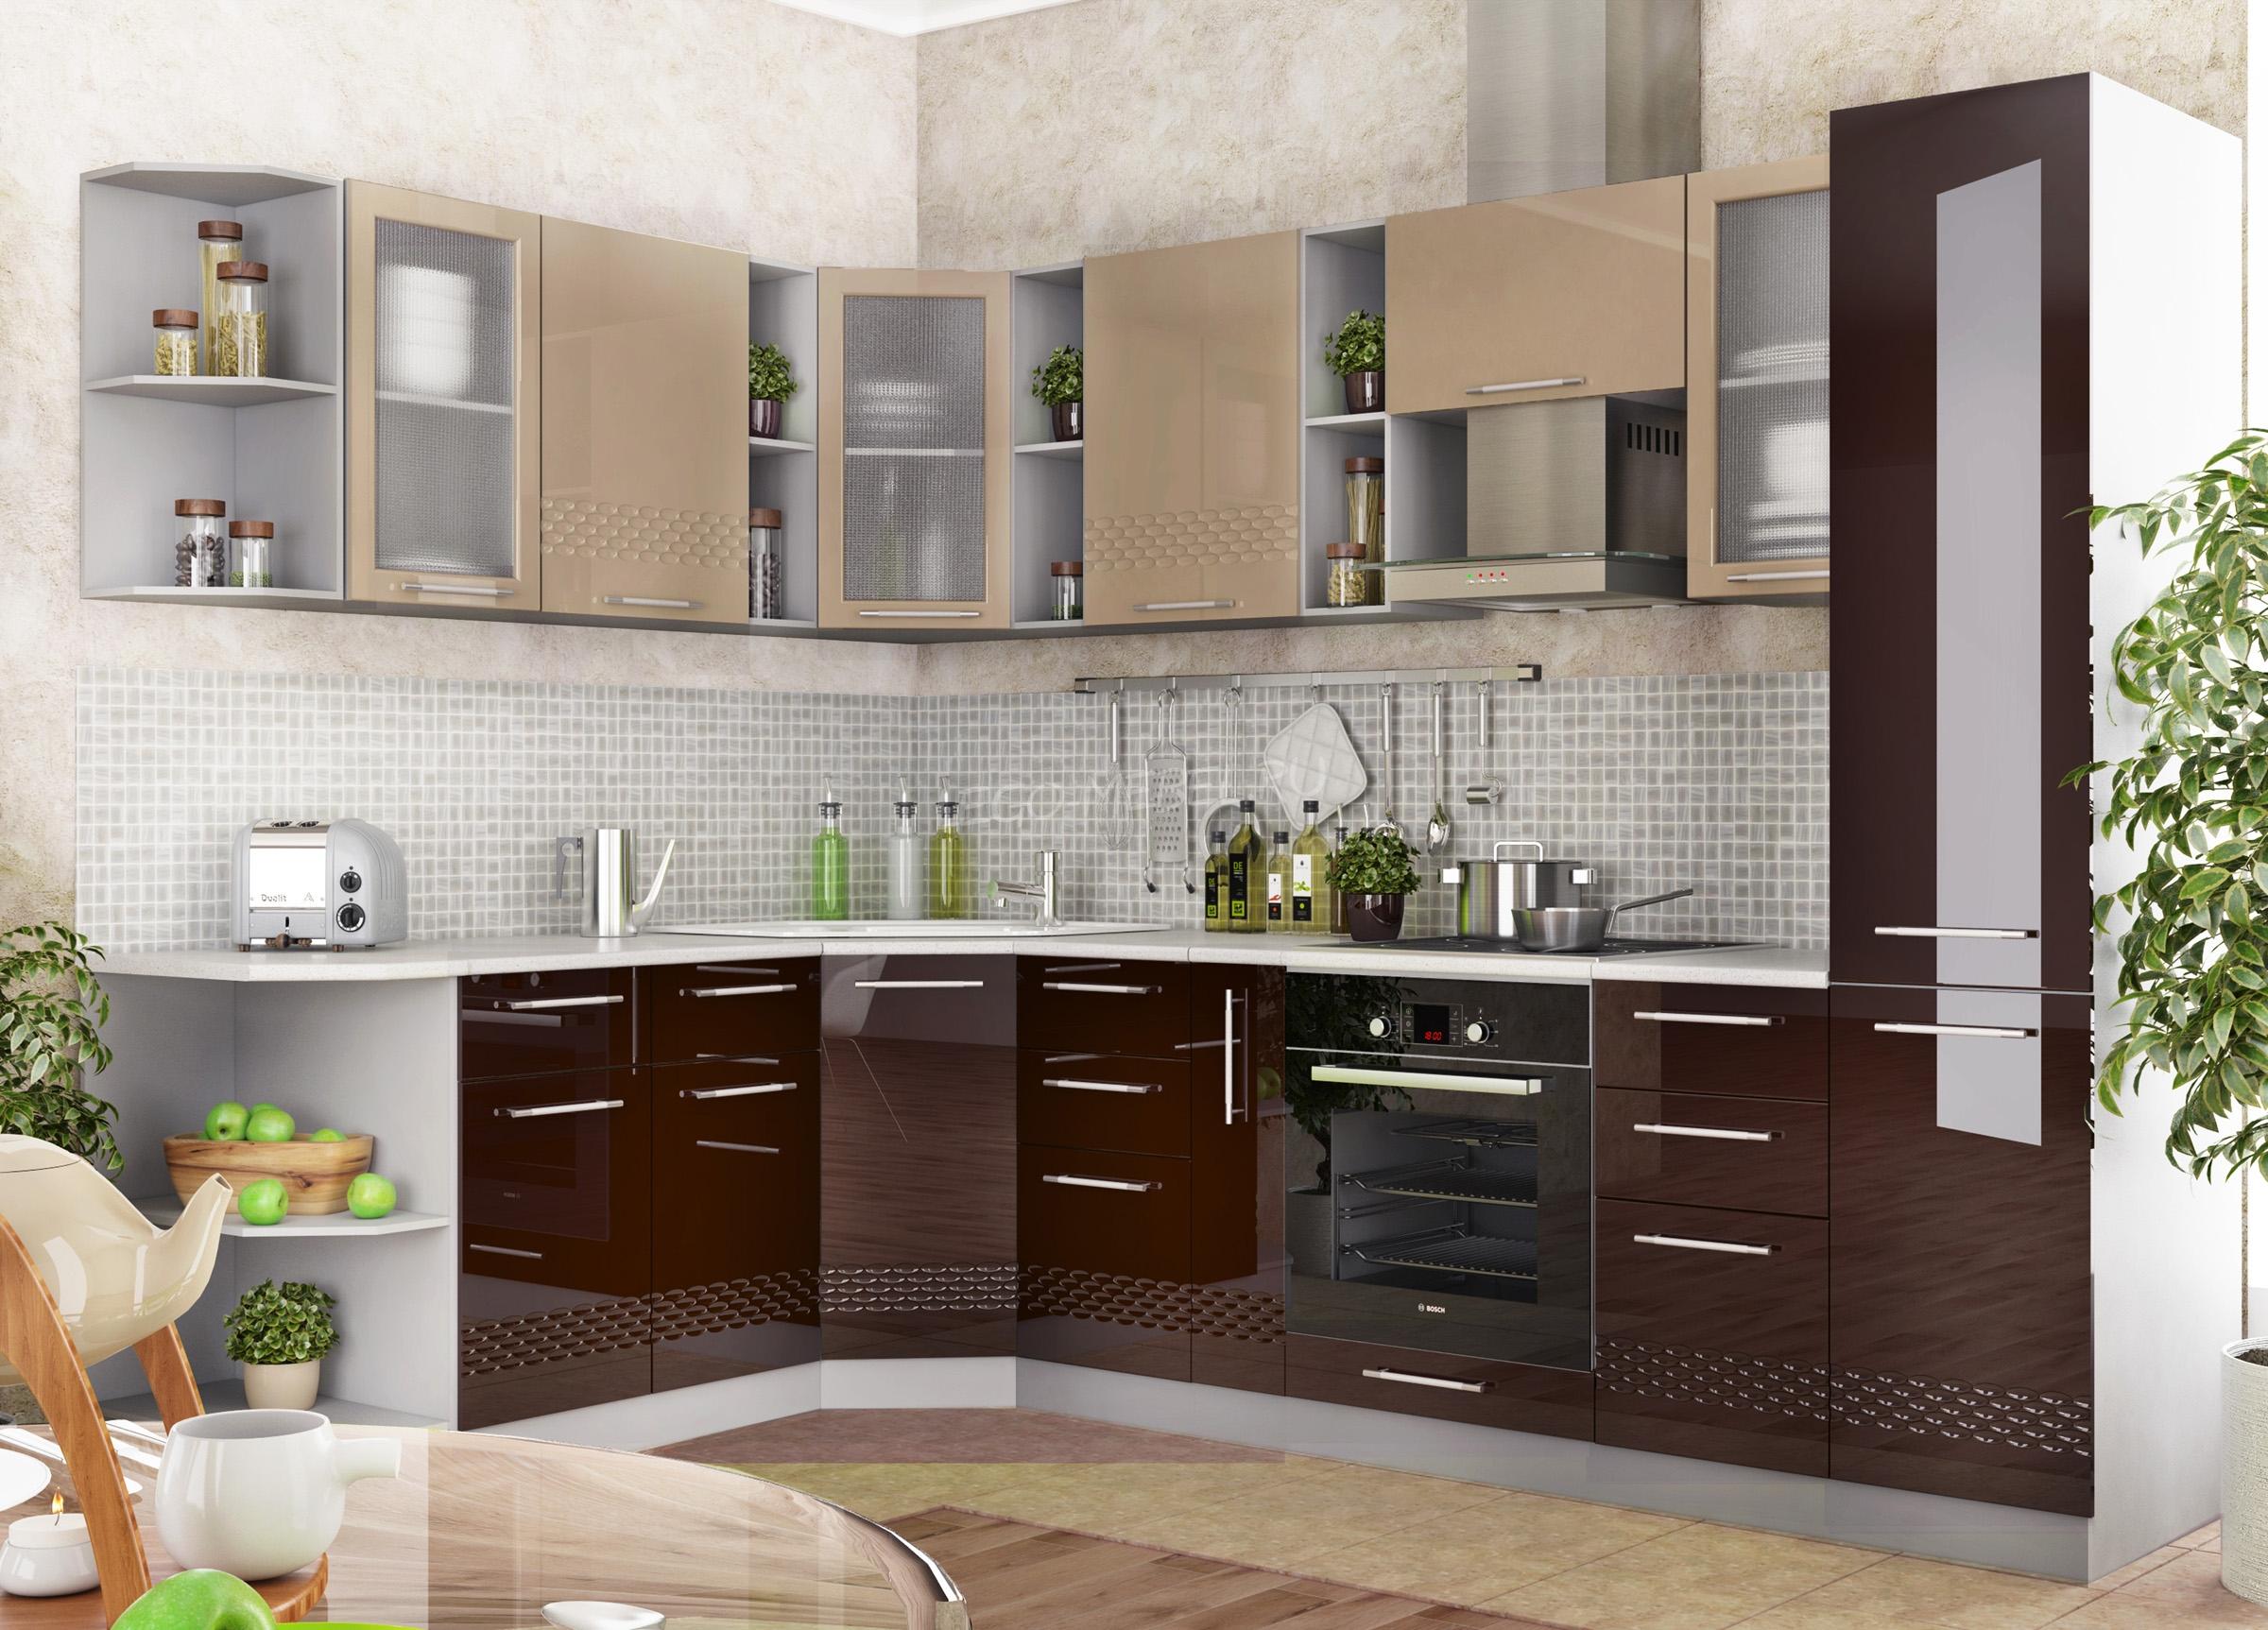 Какие кухонные гарнитуры сейчас в моде фото